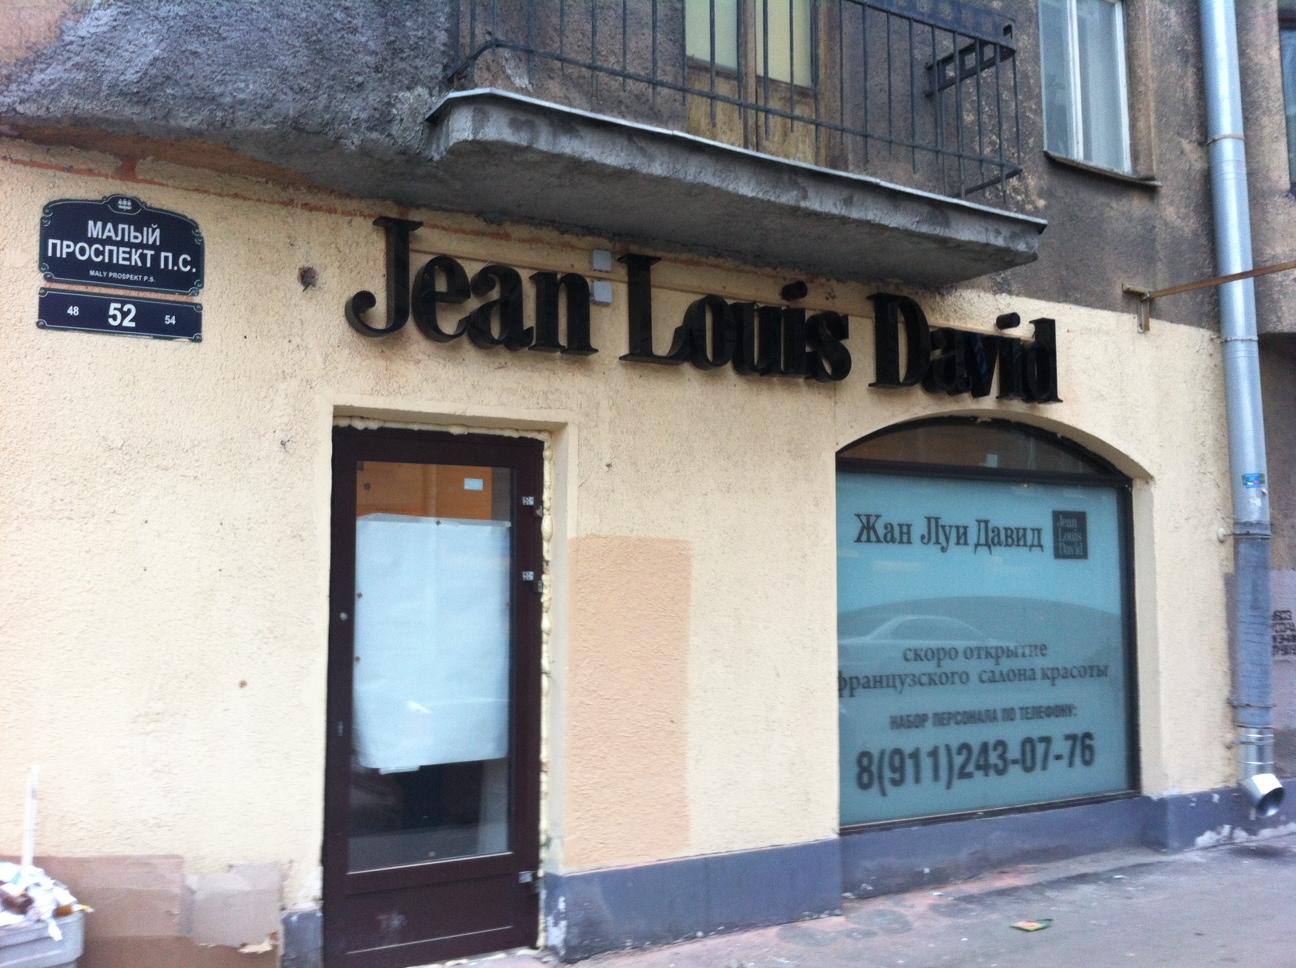 Объемные буквы с контражурной подсветкой для салона красоты 'Jean Louis David'